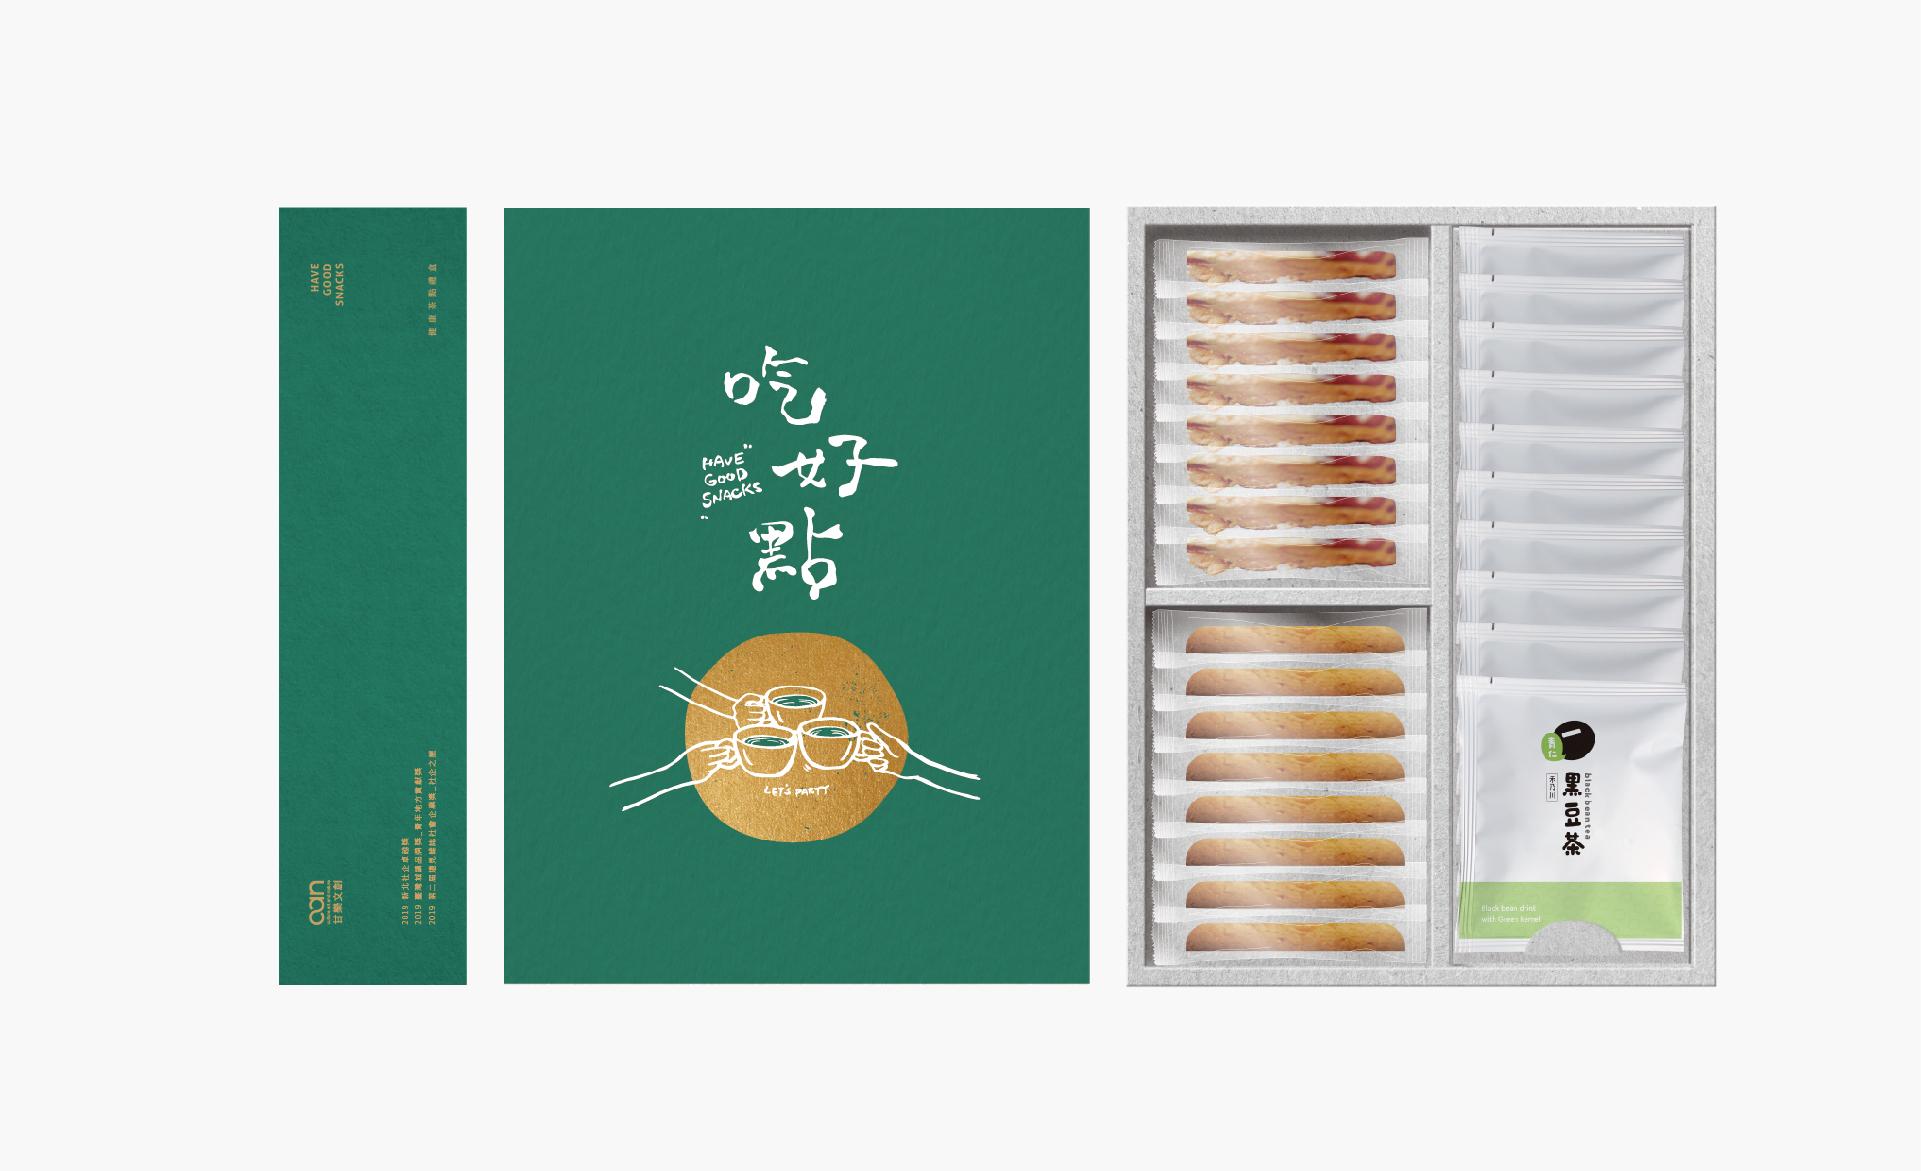 有健康養生好飲品的甘酒雙入「過好日」禮盒、適合跟親朋好友分食共享的特色茶點組合的「吃好點」禮盒、明星商品雙醬搭配職人手作麵線的「燒好菜」禮盒,快來看看注入我們滿滿祝福以即充滿設計感的禮盒吧! | 改變生命的豆漿店